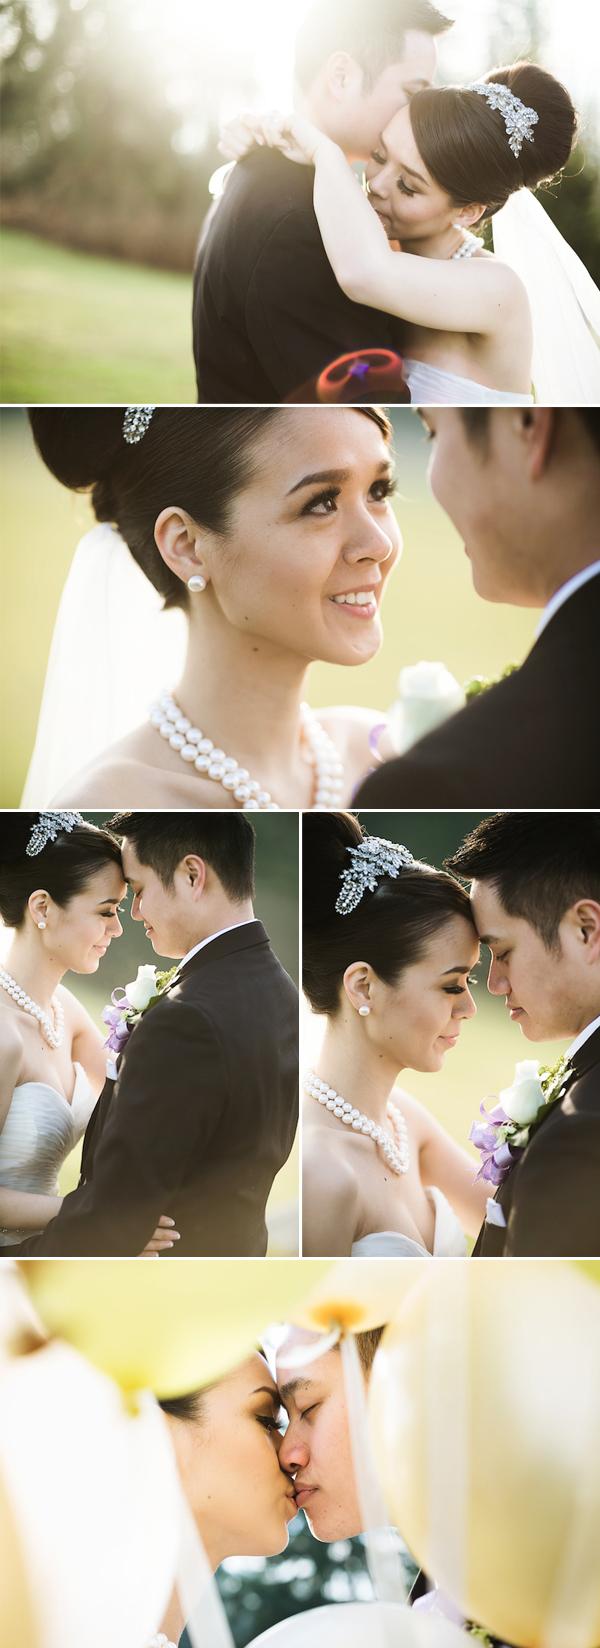 Real Wedding Kim and Jo Kunioo Photography 11